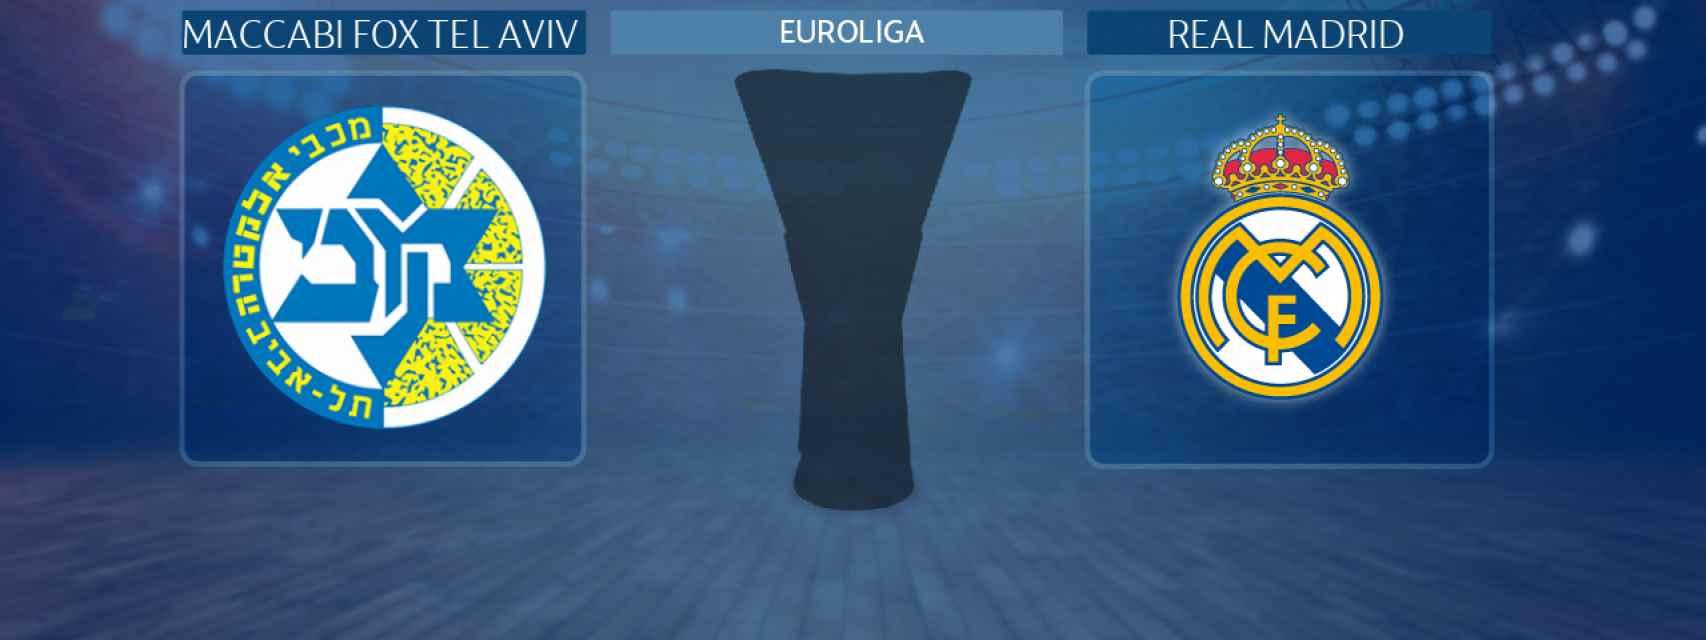 Maccabi Fox Tel Aviv - Real Madrid, partido de la Euroliga